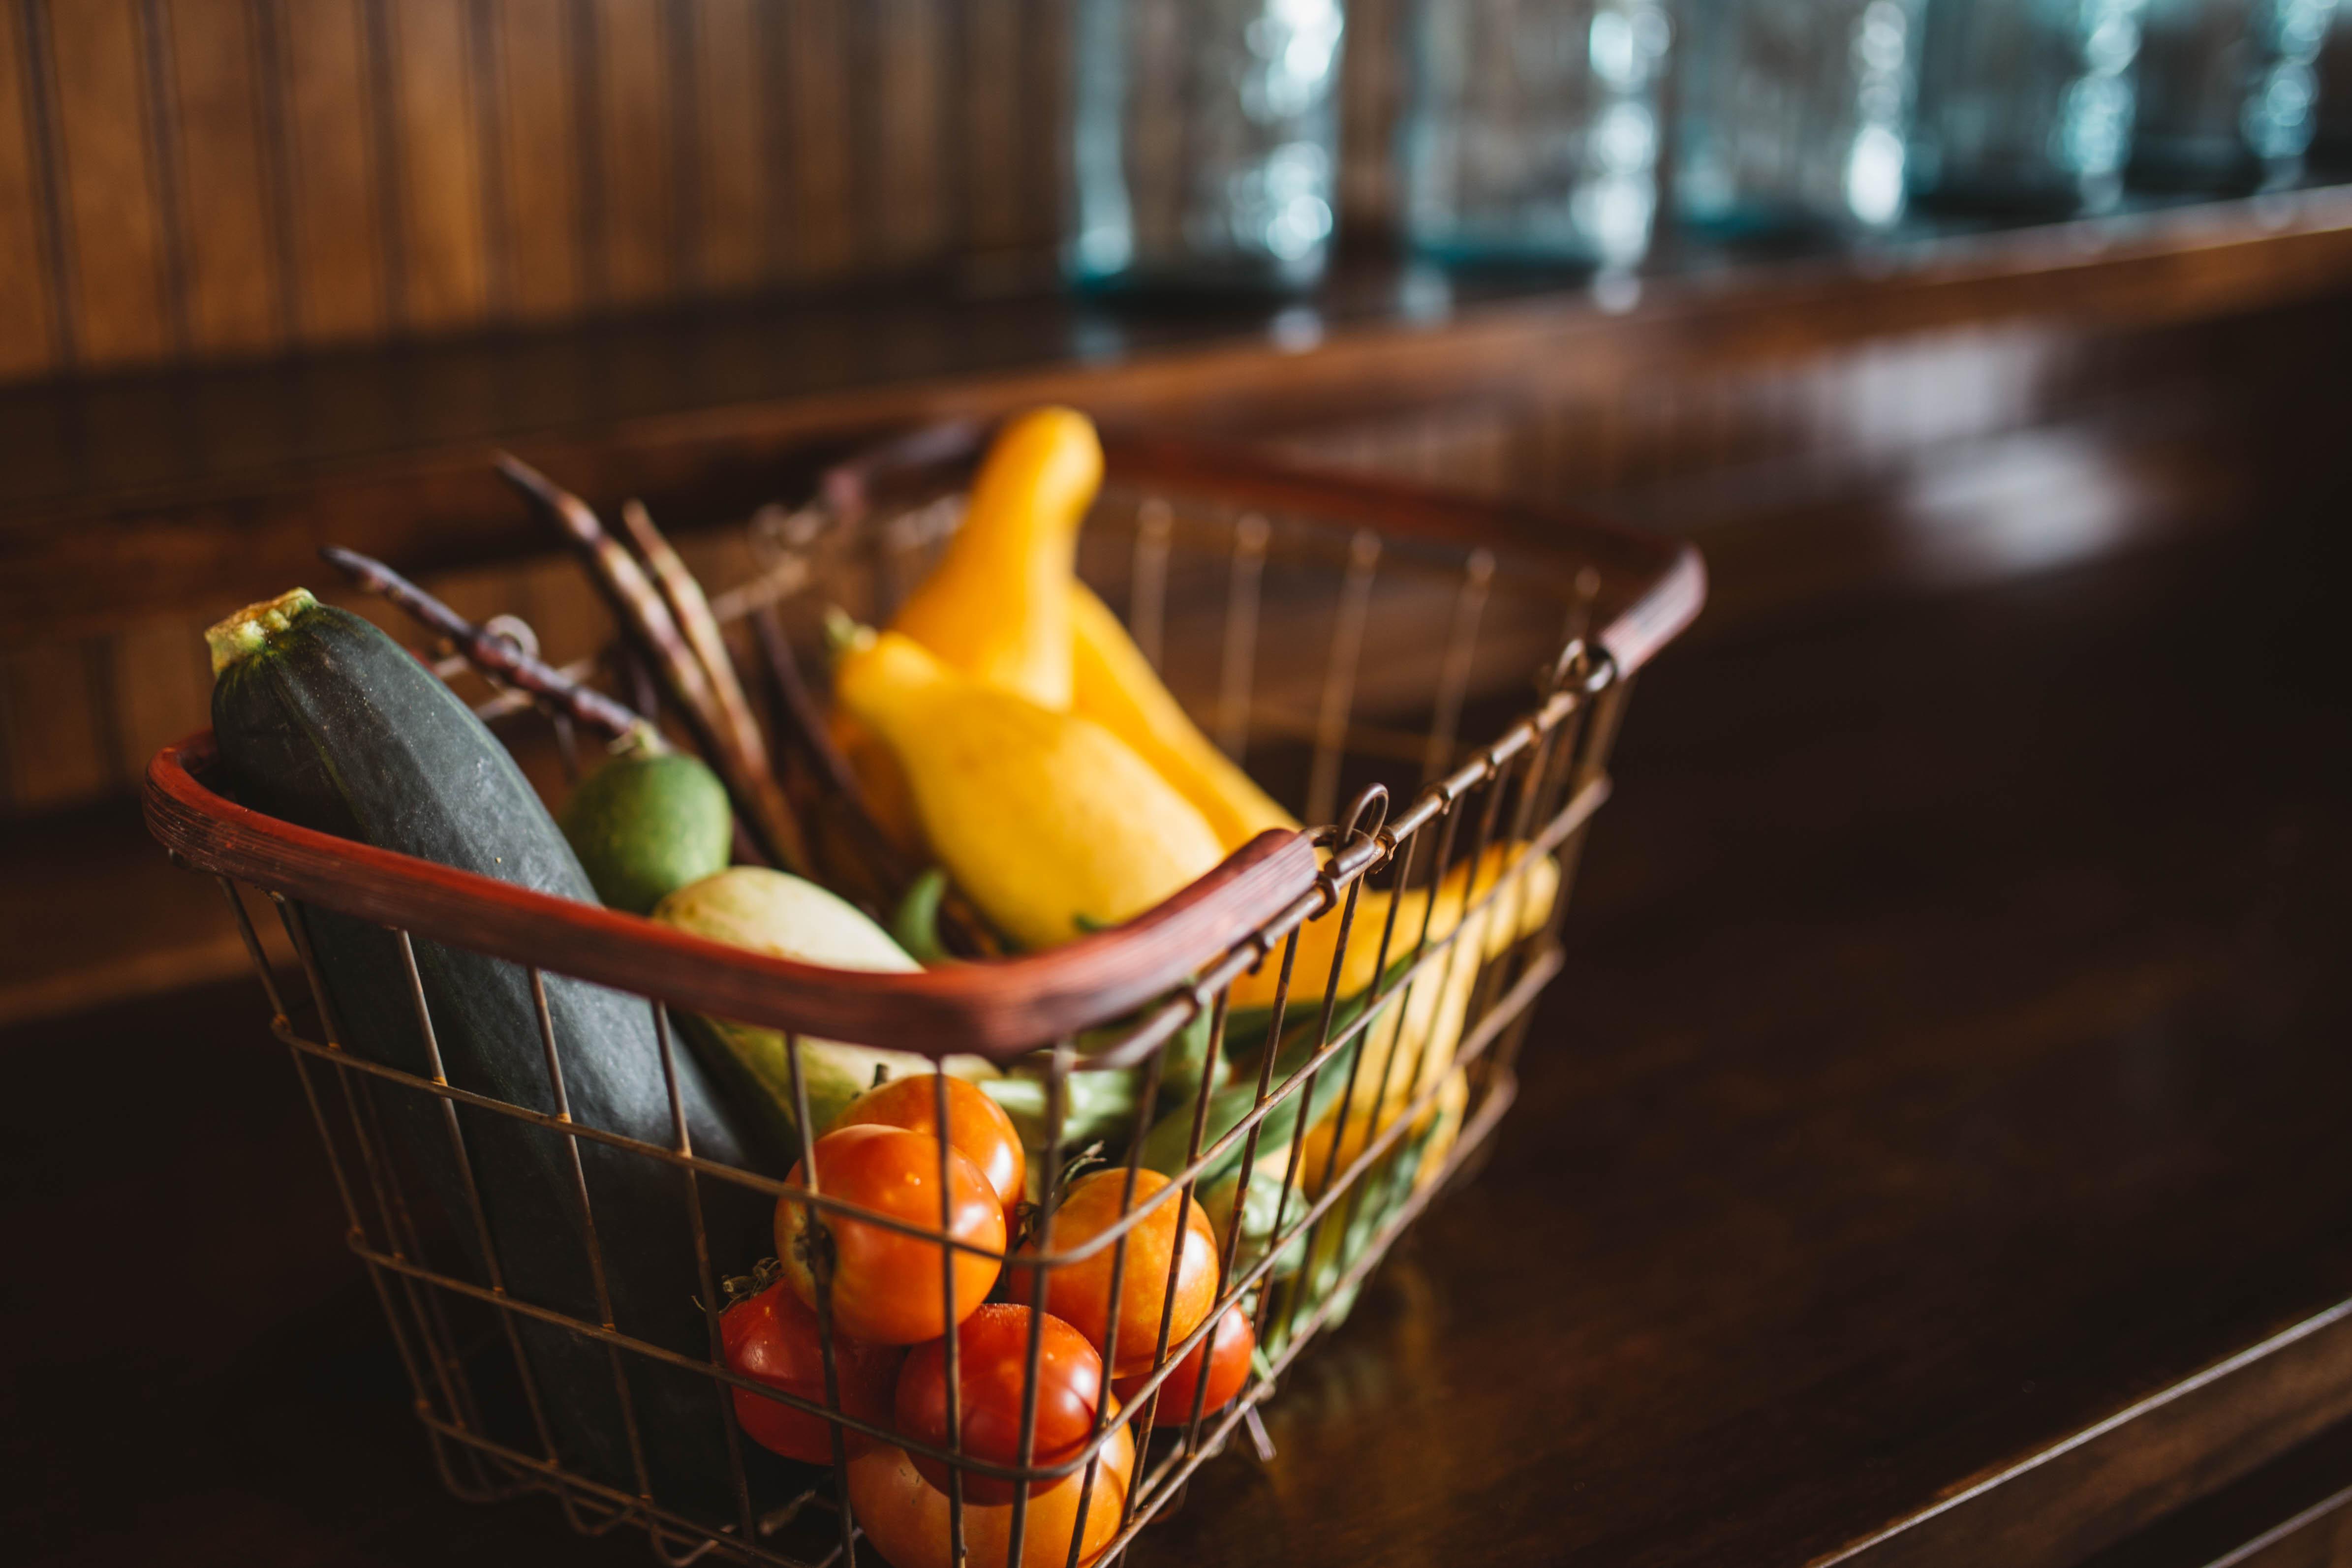 Vegetales, parte imprescindible de la innovación alimentaria